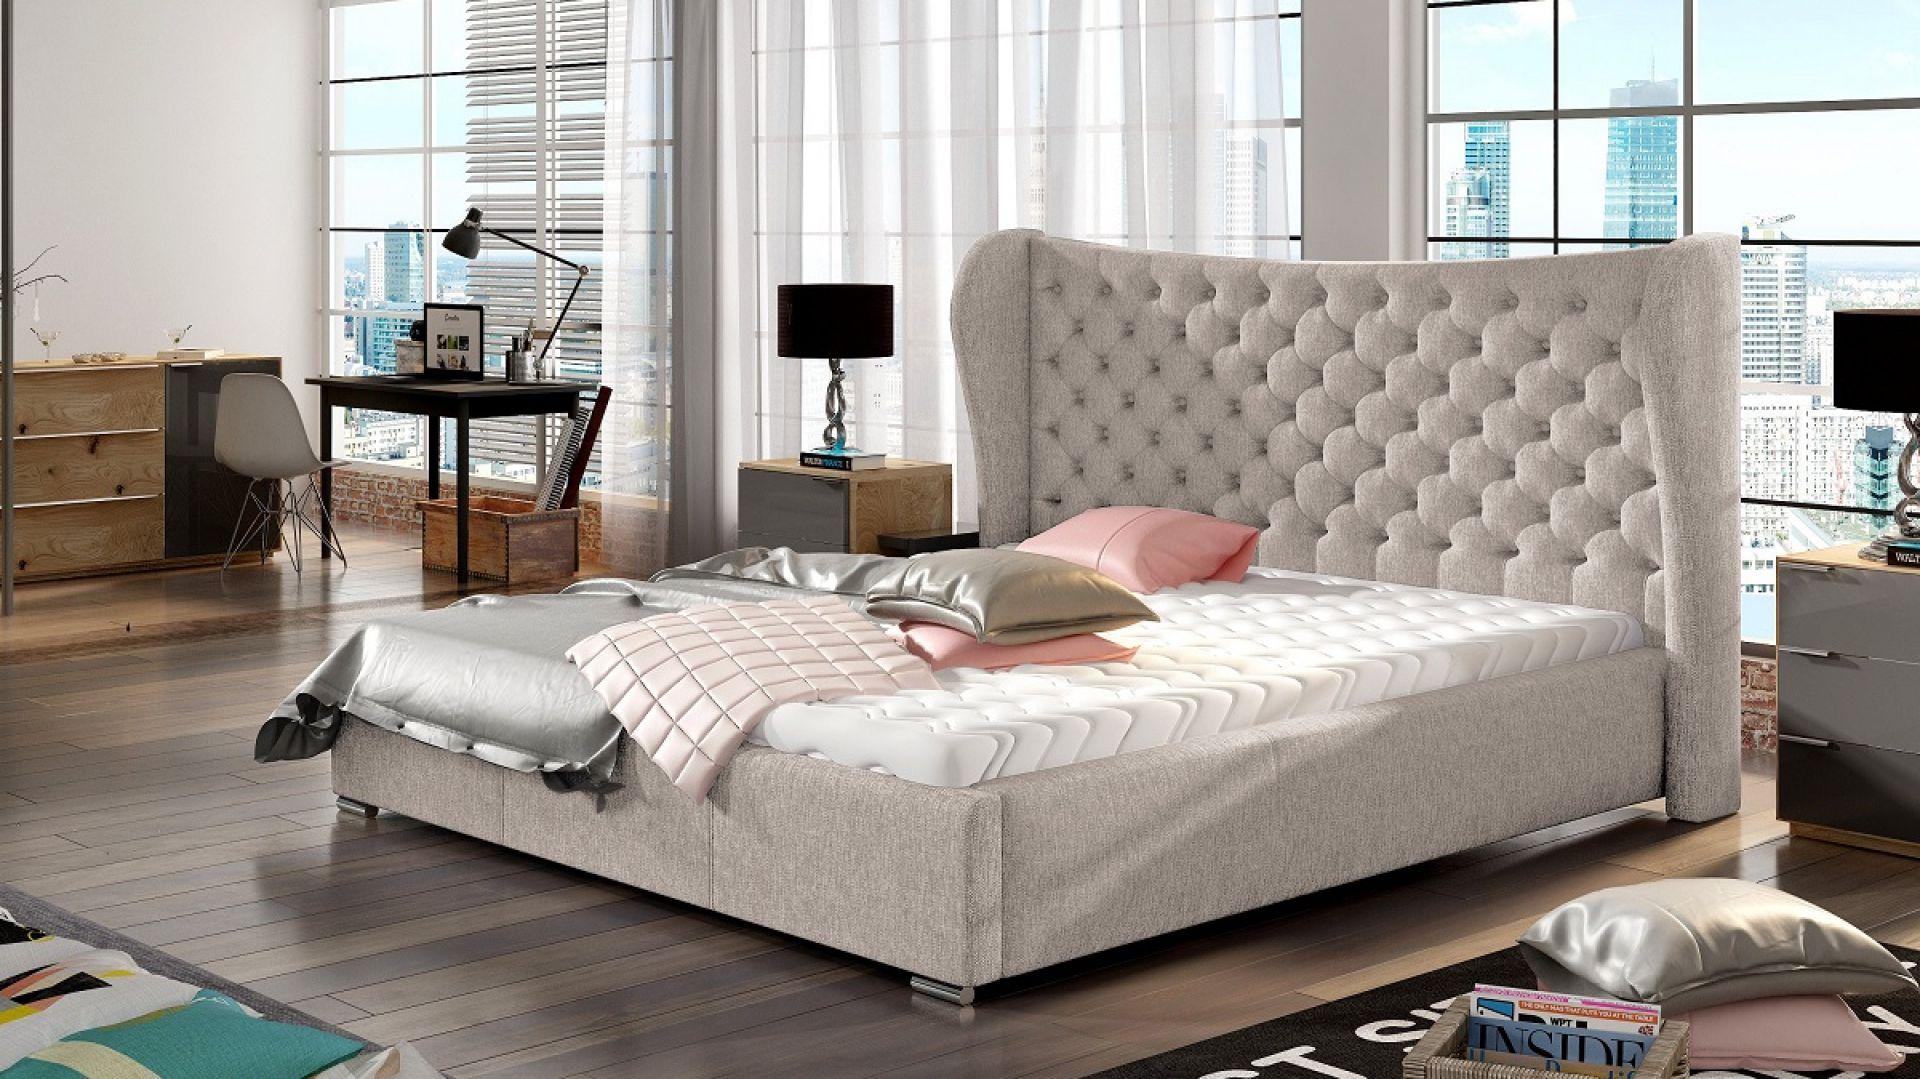 монохромный дизайн современной спальни